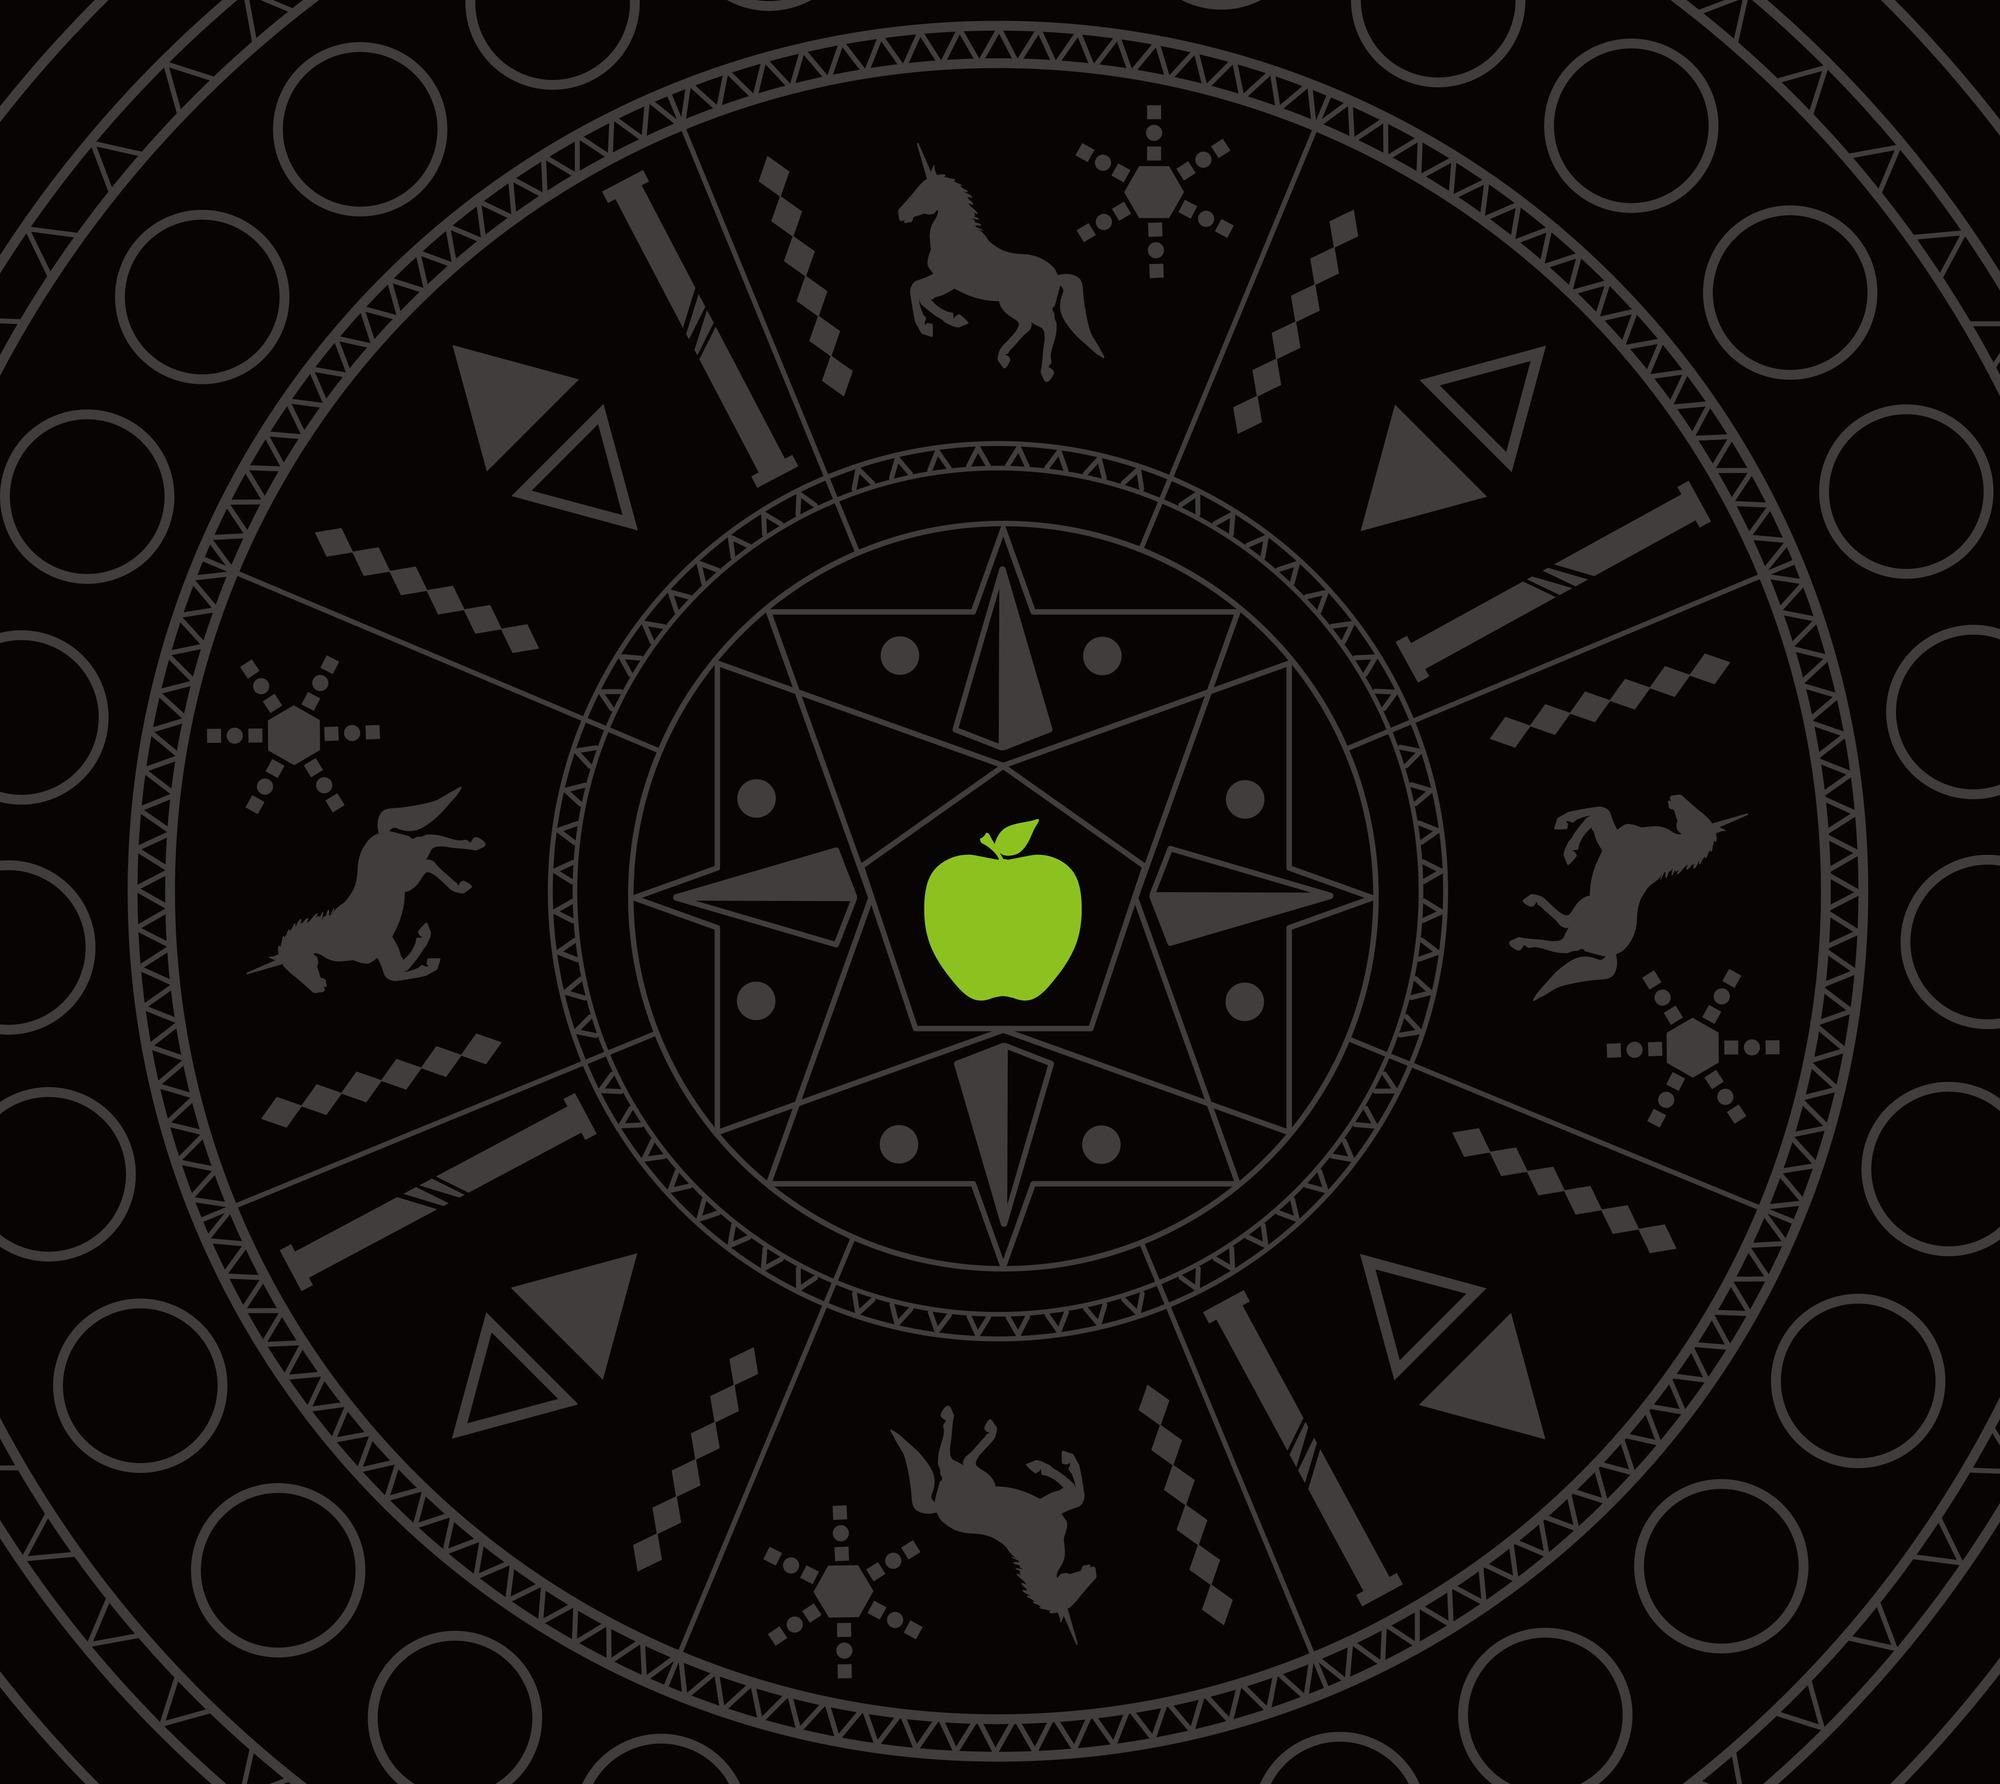 Mrs. GREEN APPLE (ミセス・グリーン・アップル) 4thアルバム『Attitude (アティチュード)』(初回限定盤) 高画質CDジャケット画像